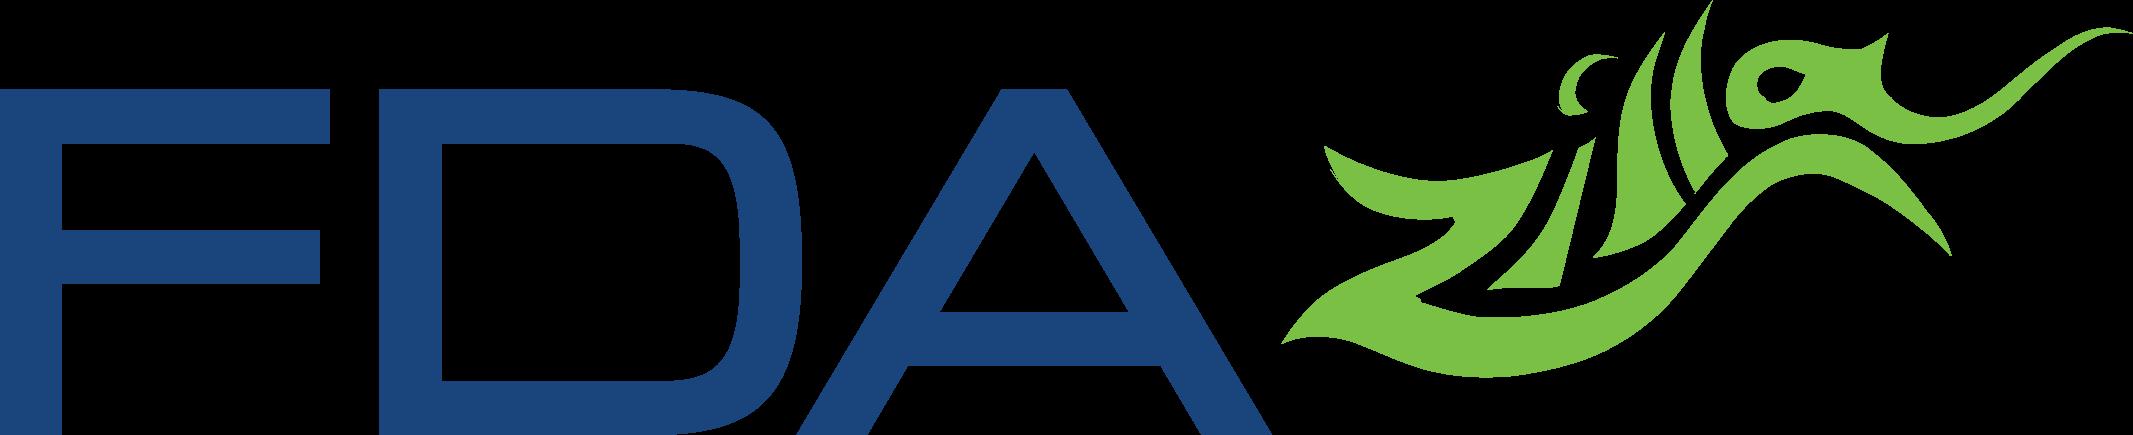 Govzilla Logo